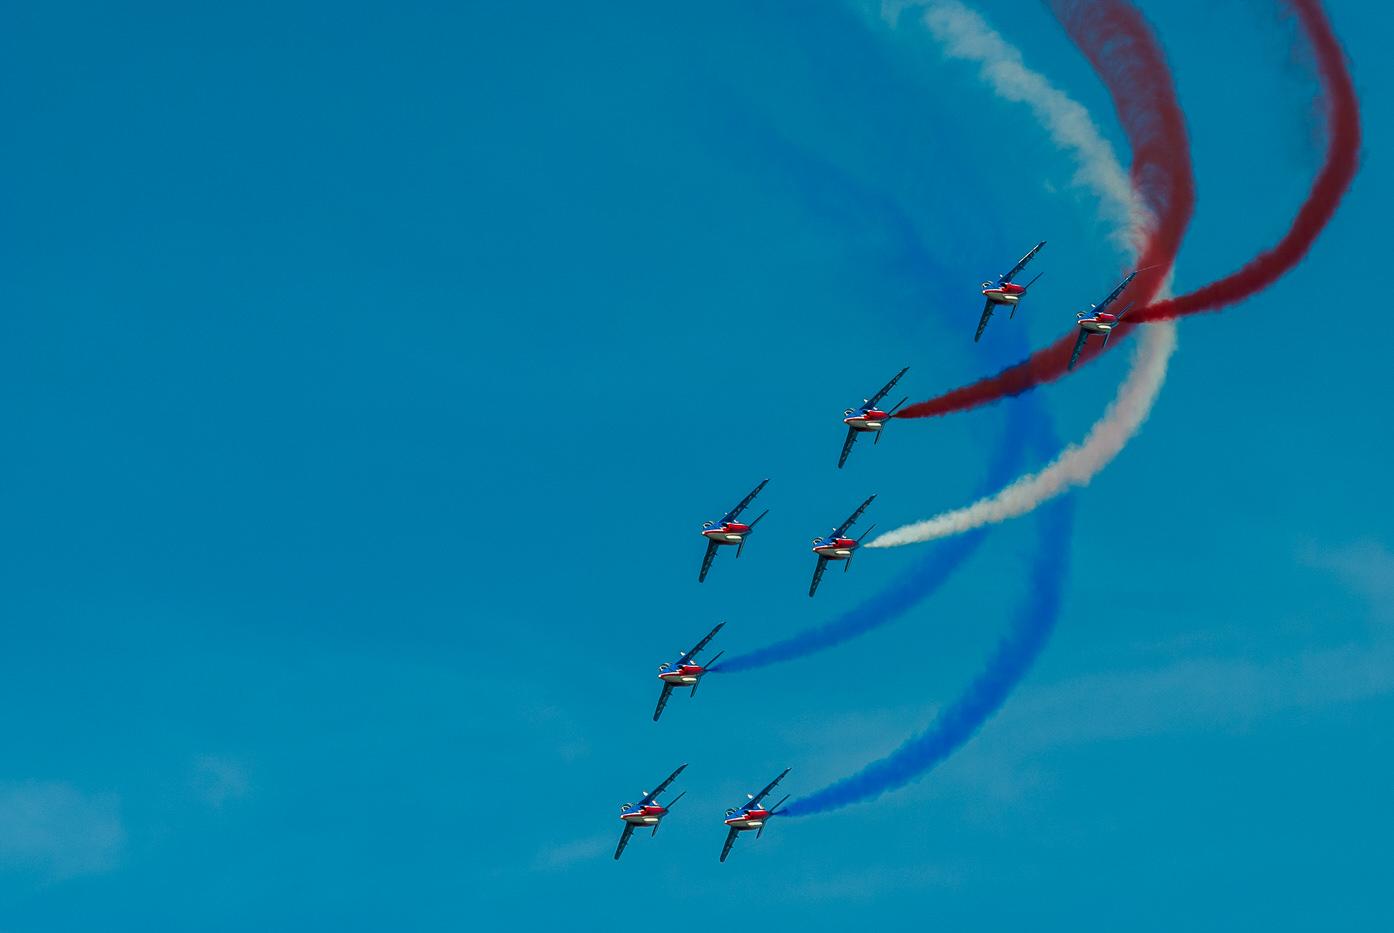 Patrouille de France en démonstration lors du meeting aérien d